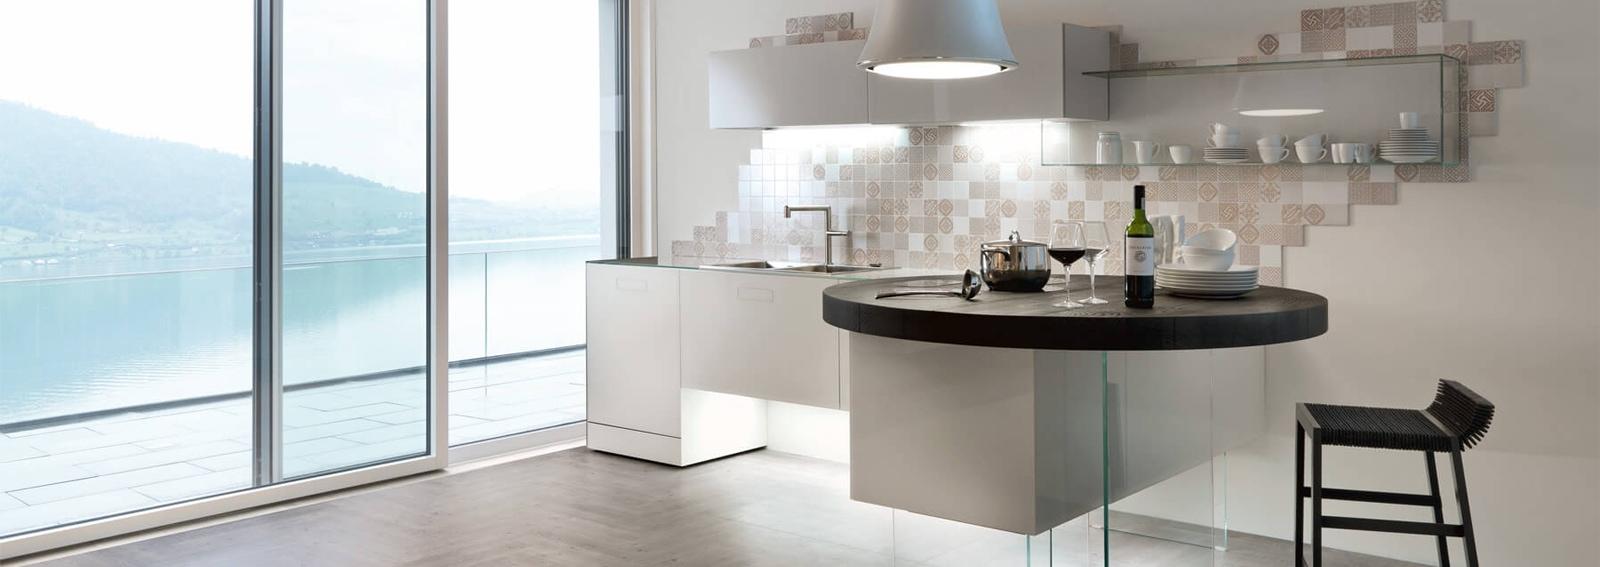 Come Arredare Piccole Case cucina con penisola: ecco perché funziona anche in una casa